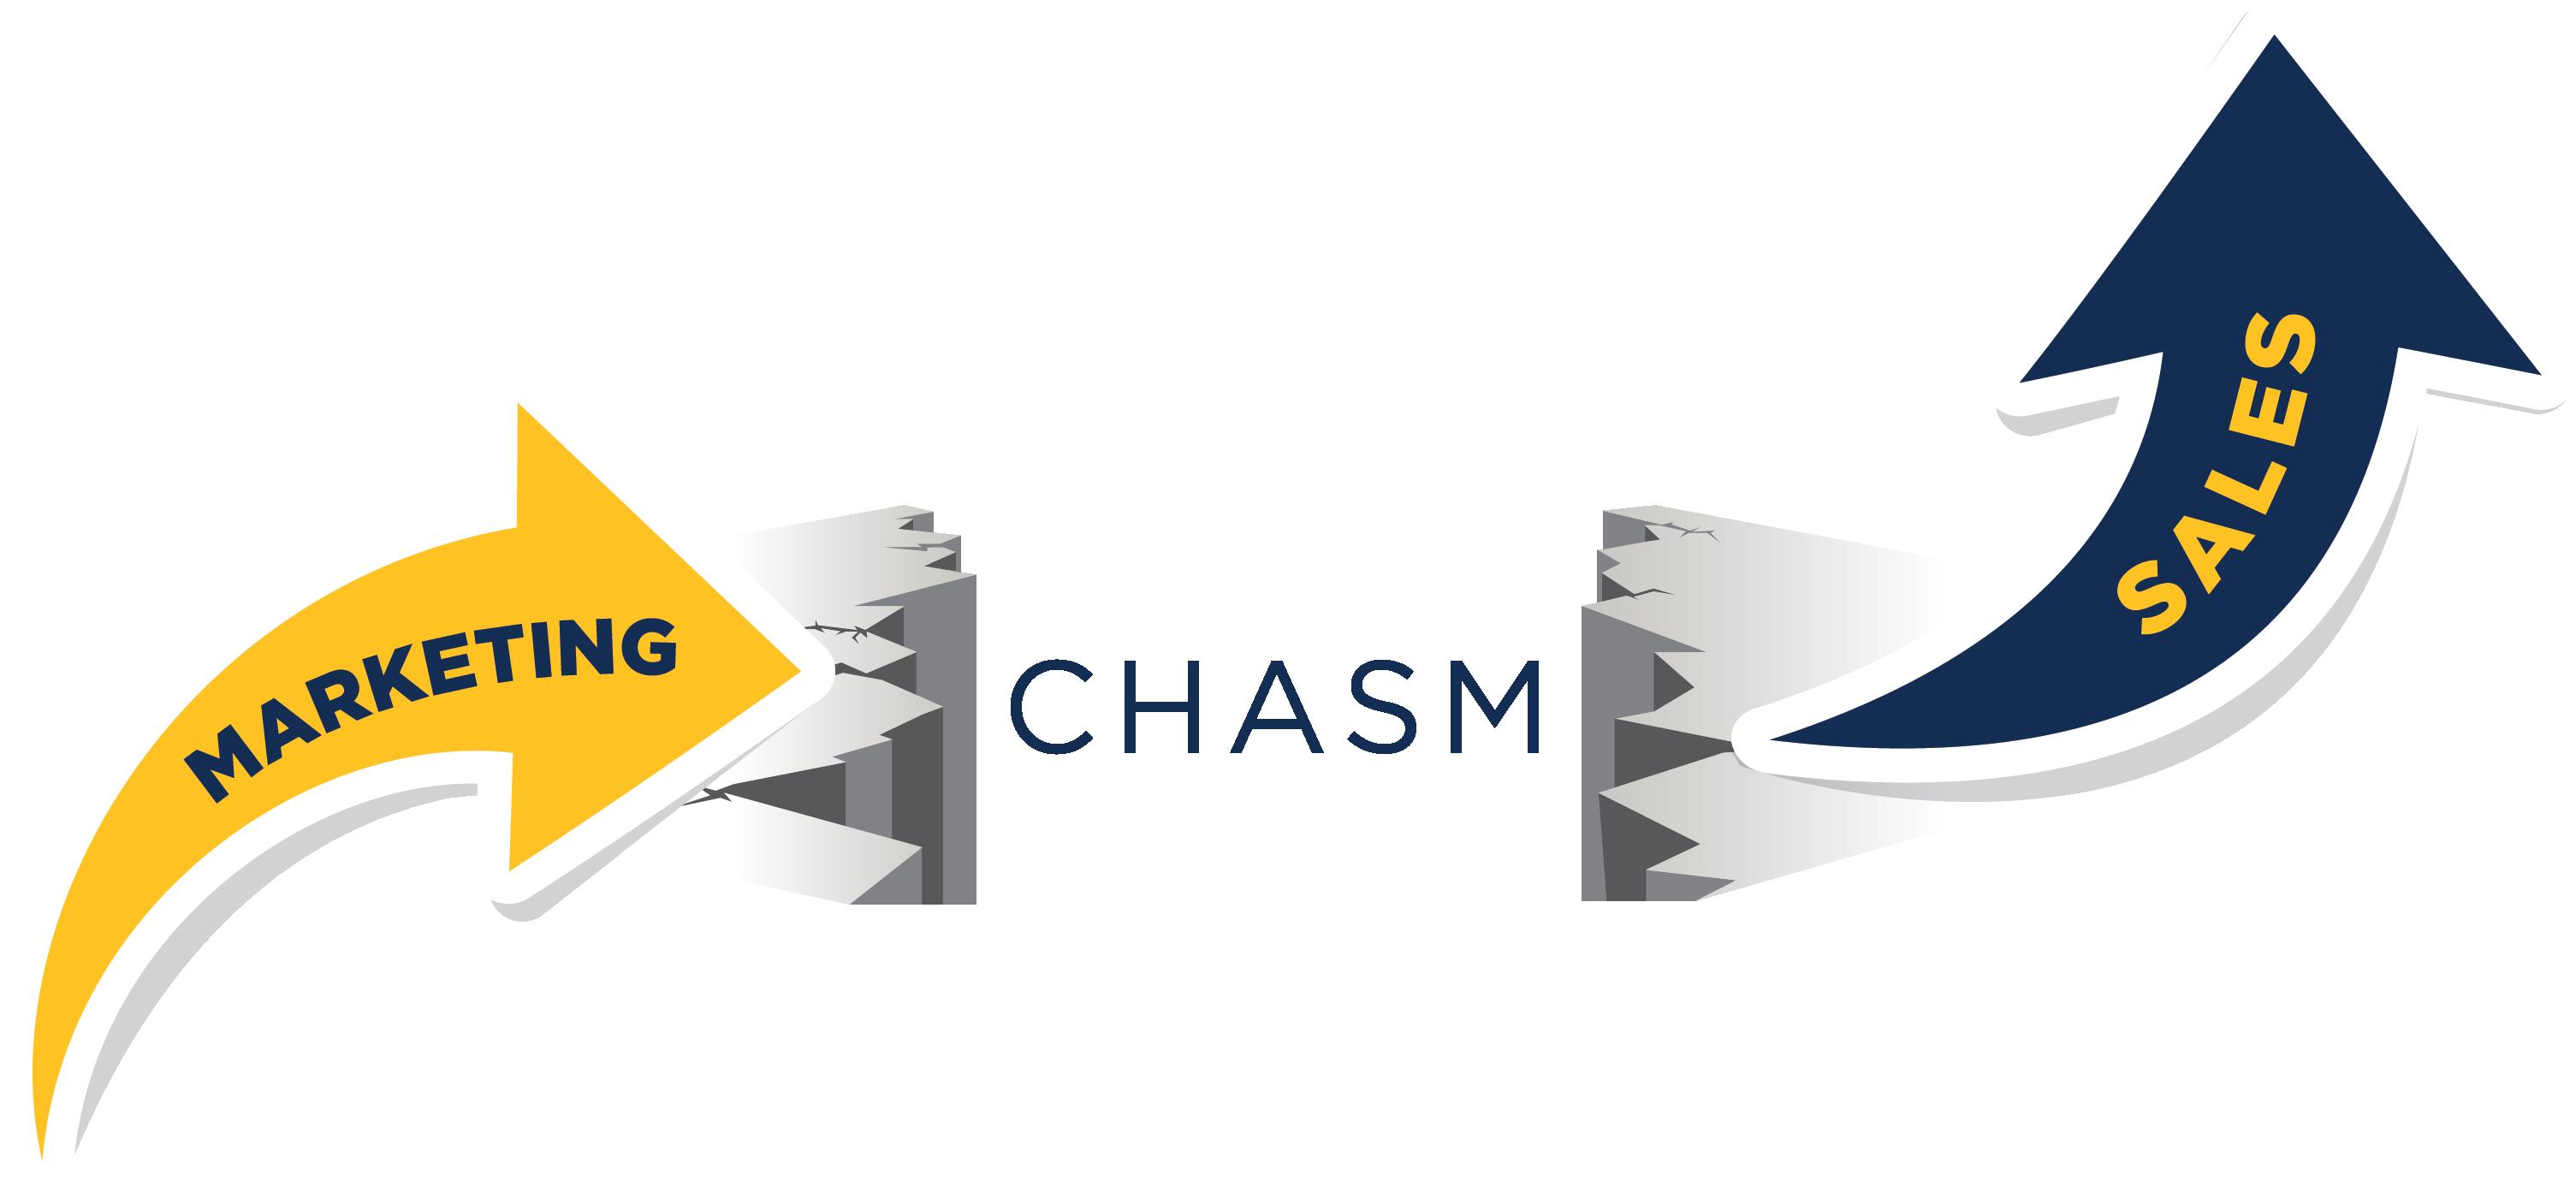 B2B-Sales-Marketing-Chasm